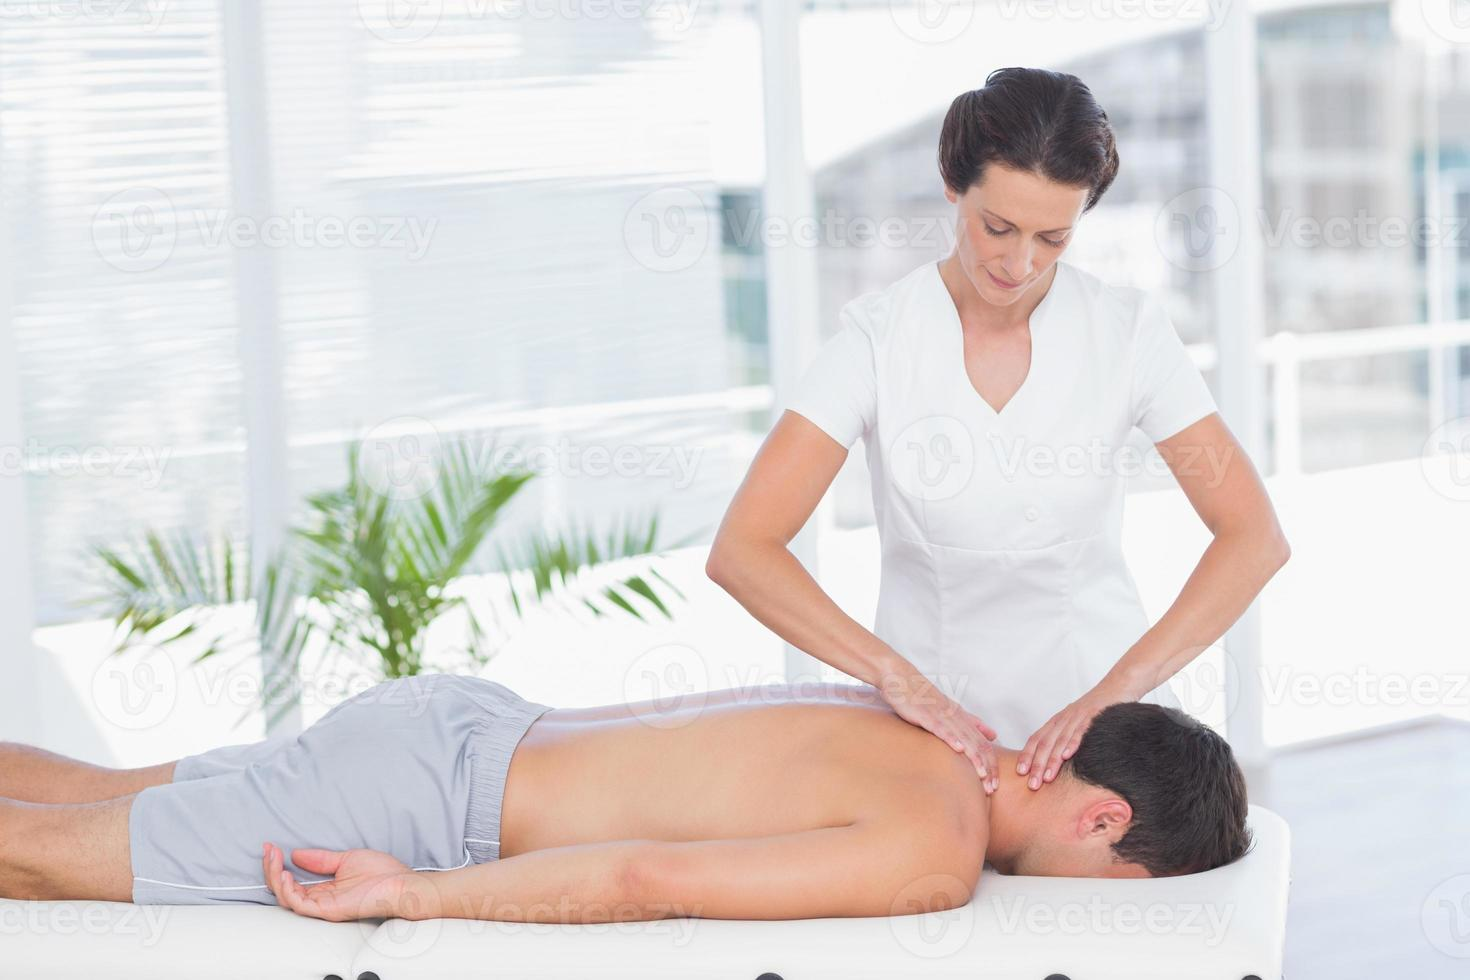 fisioterapeuta haciendo masaje de cuello a su paciente foto